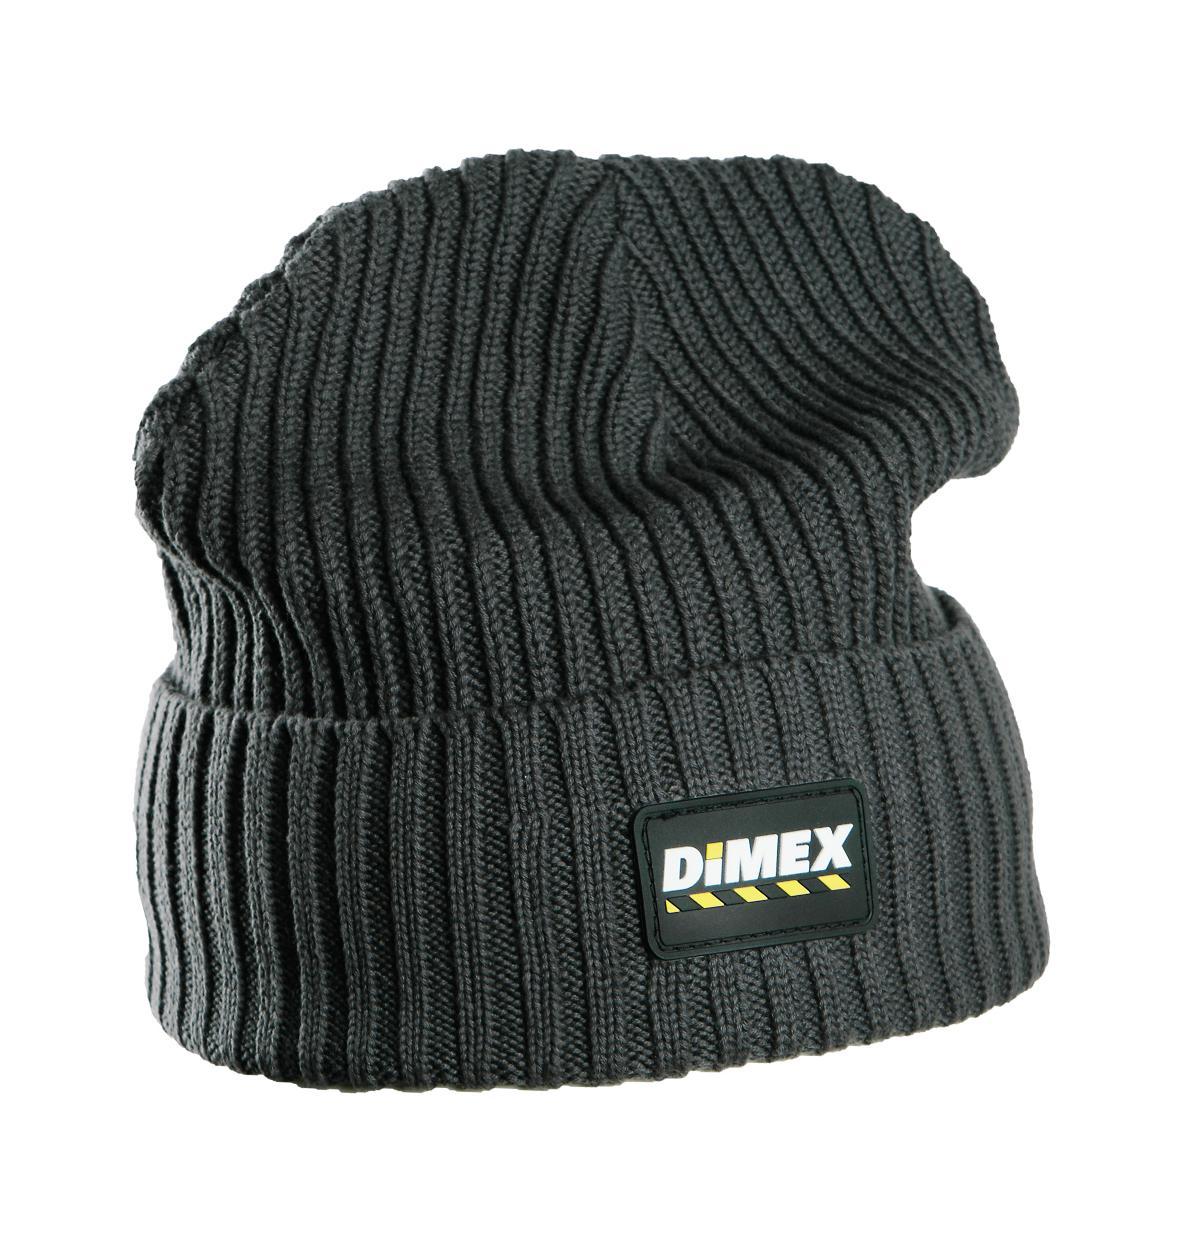 ostaa säästää varoa 4260+ Winter knitted hat - Dimex